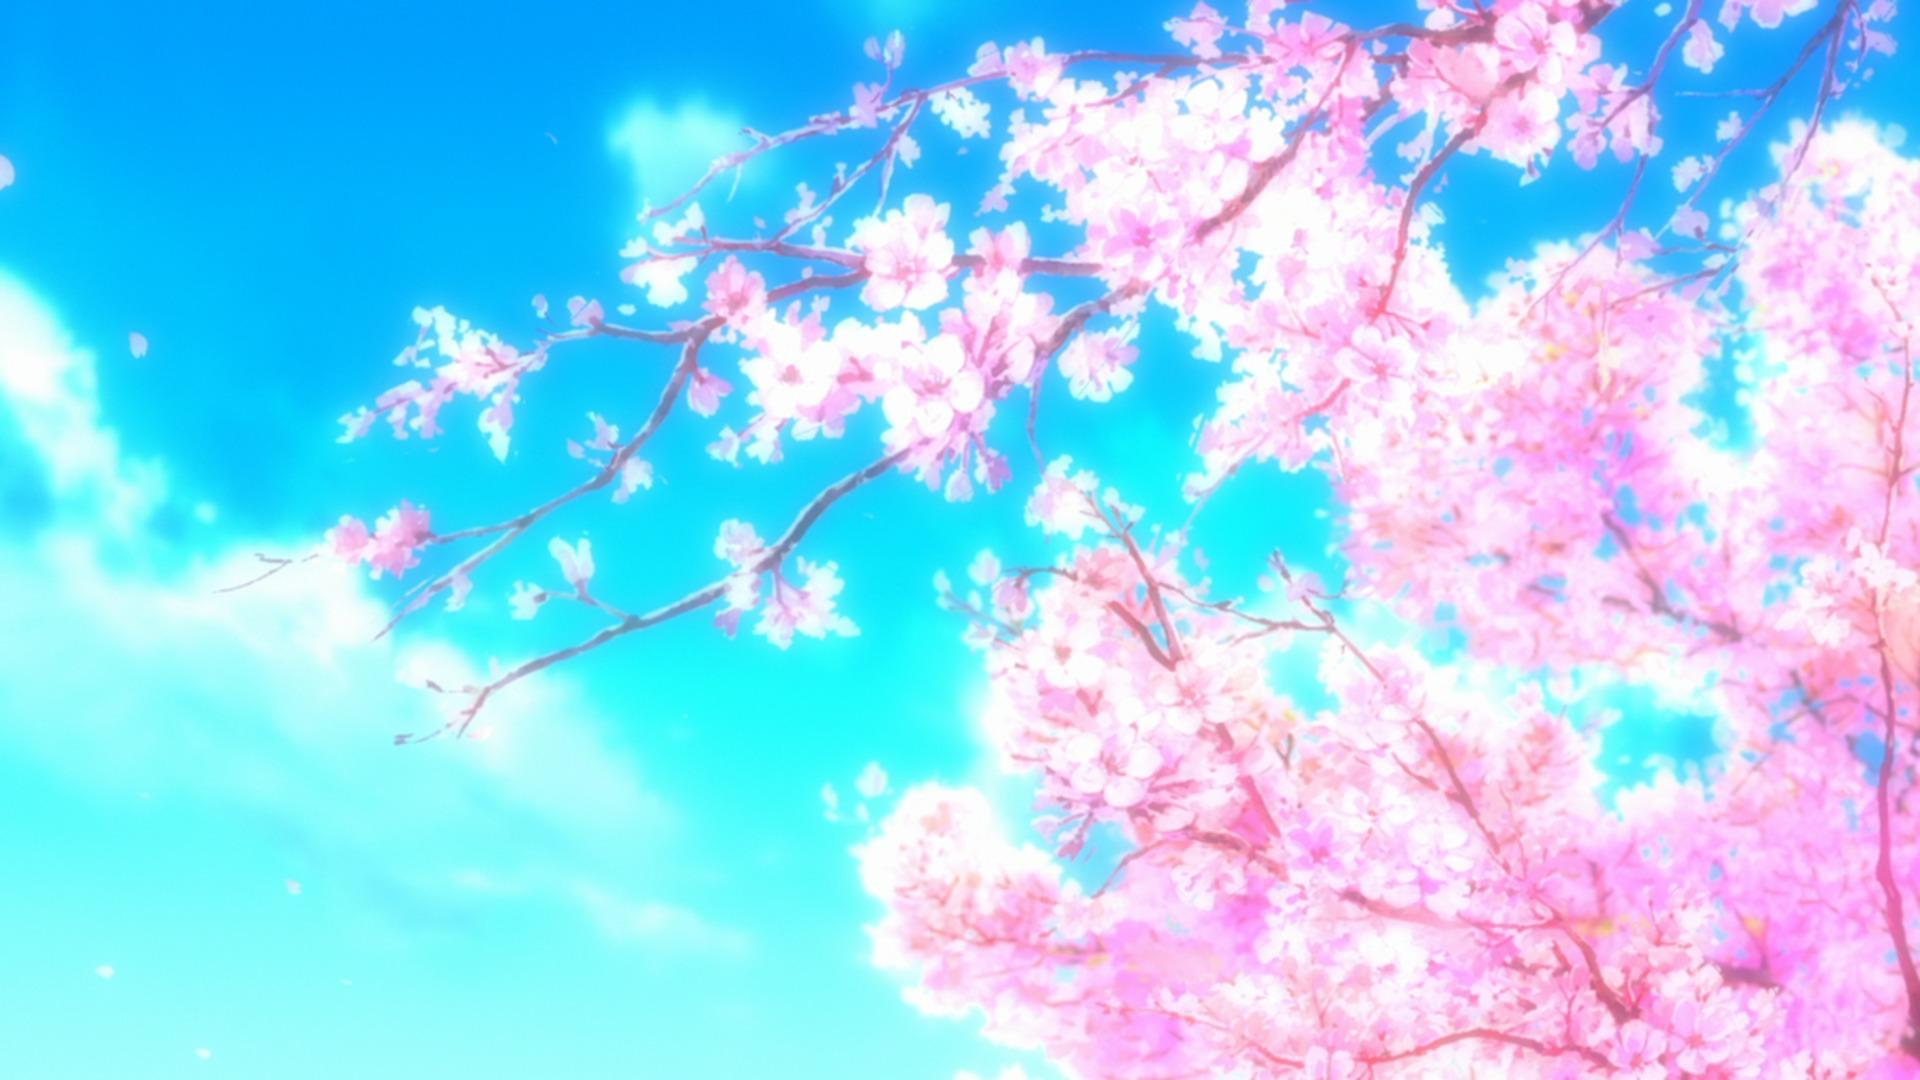 Сакура в цвету сакура дерево весна